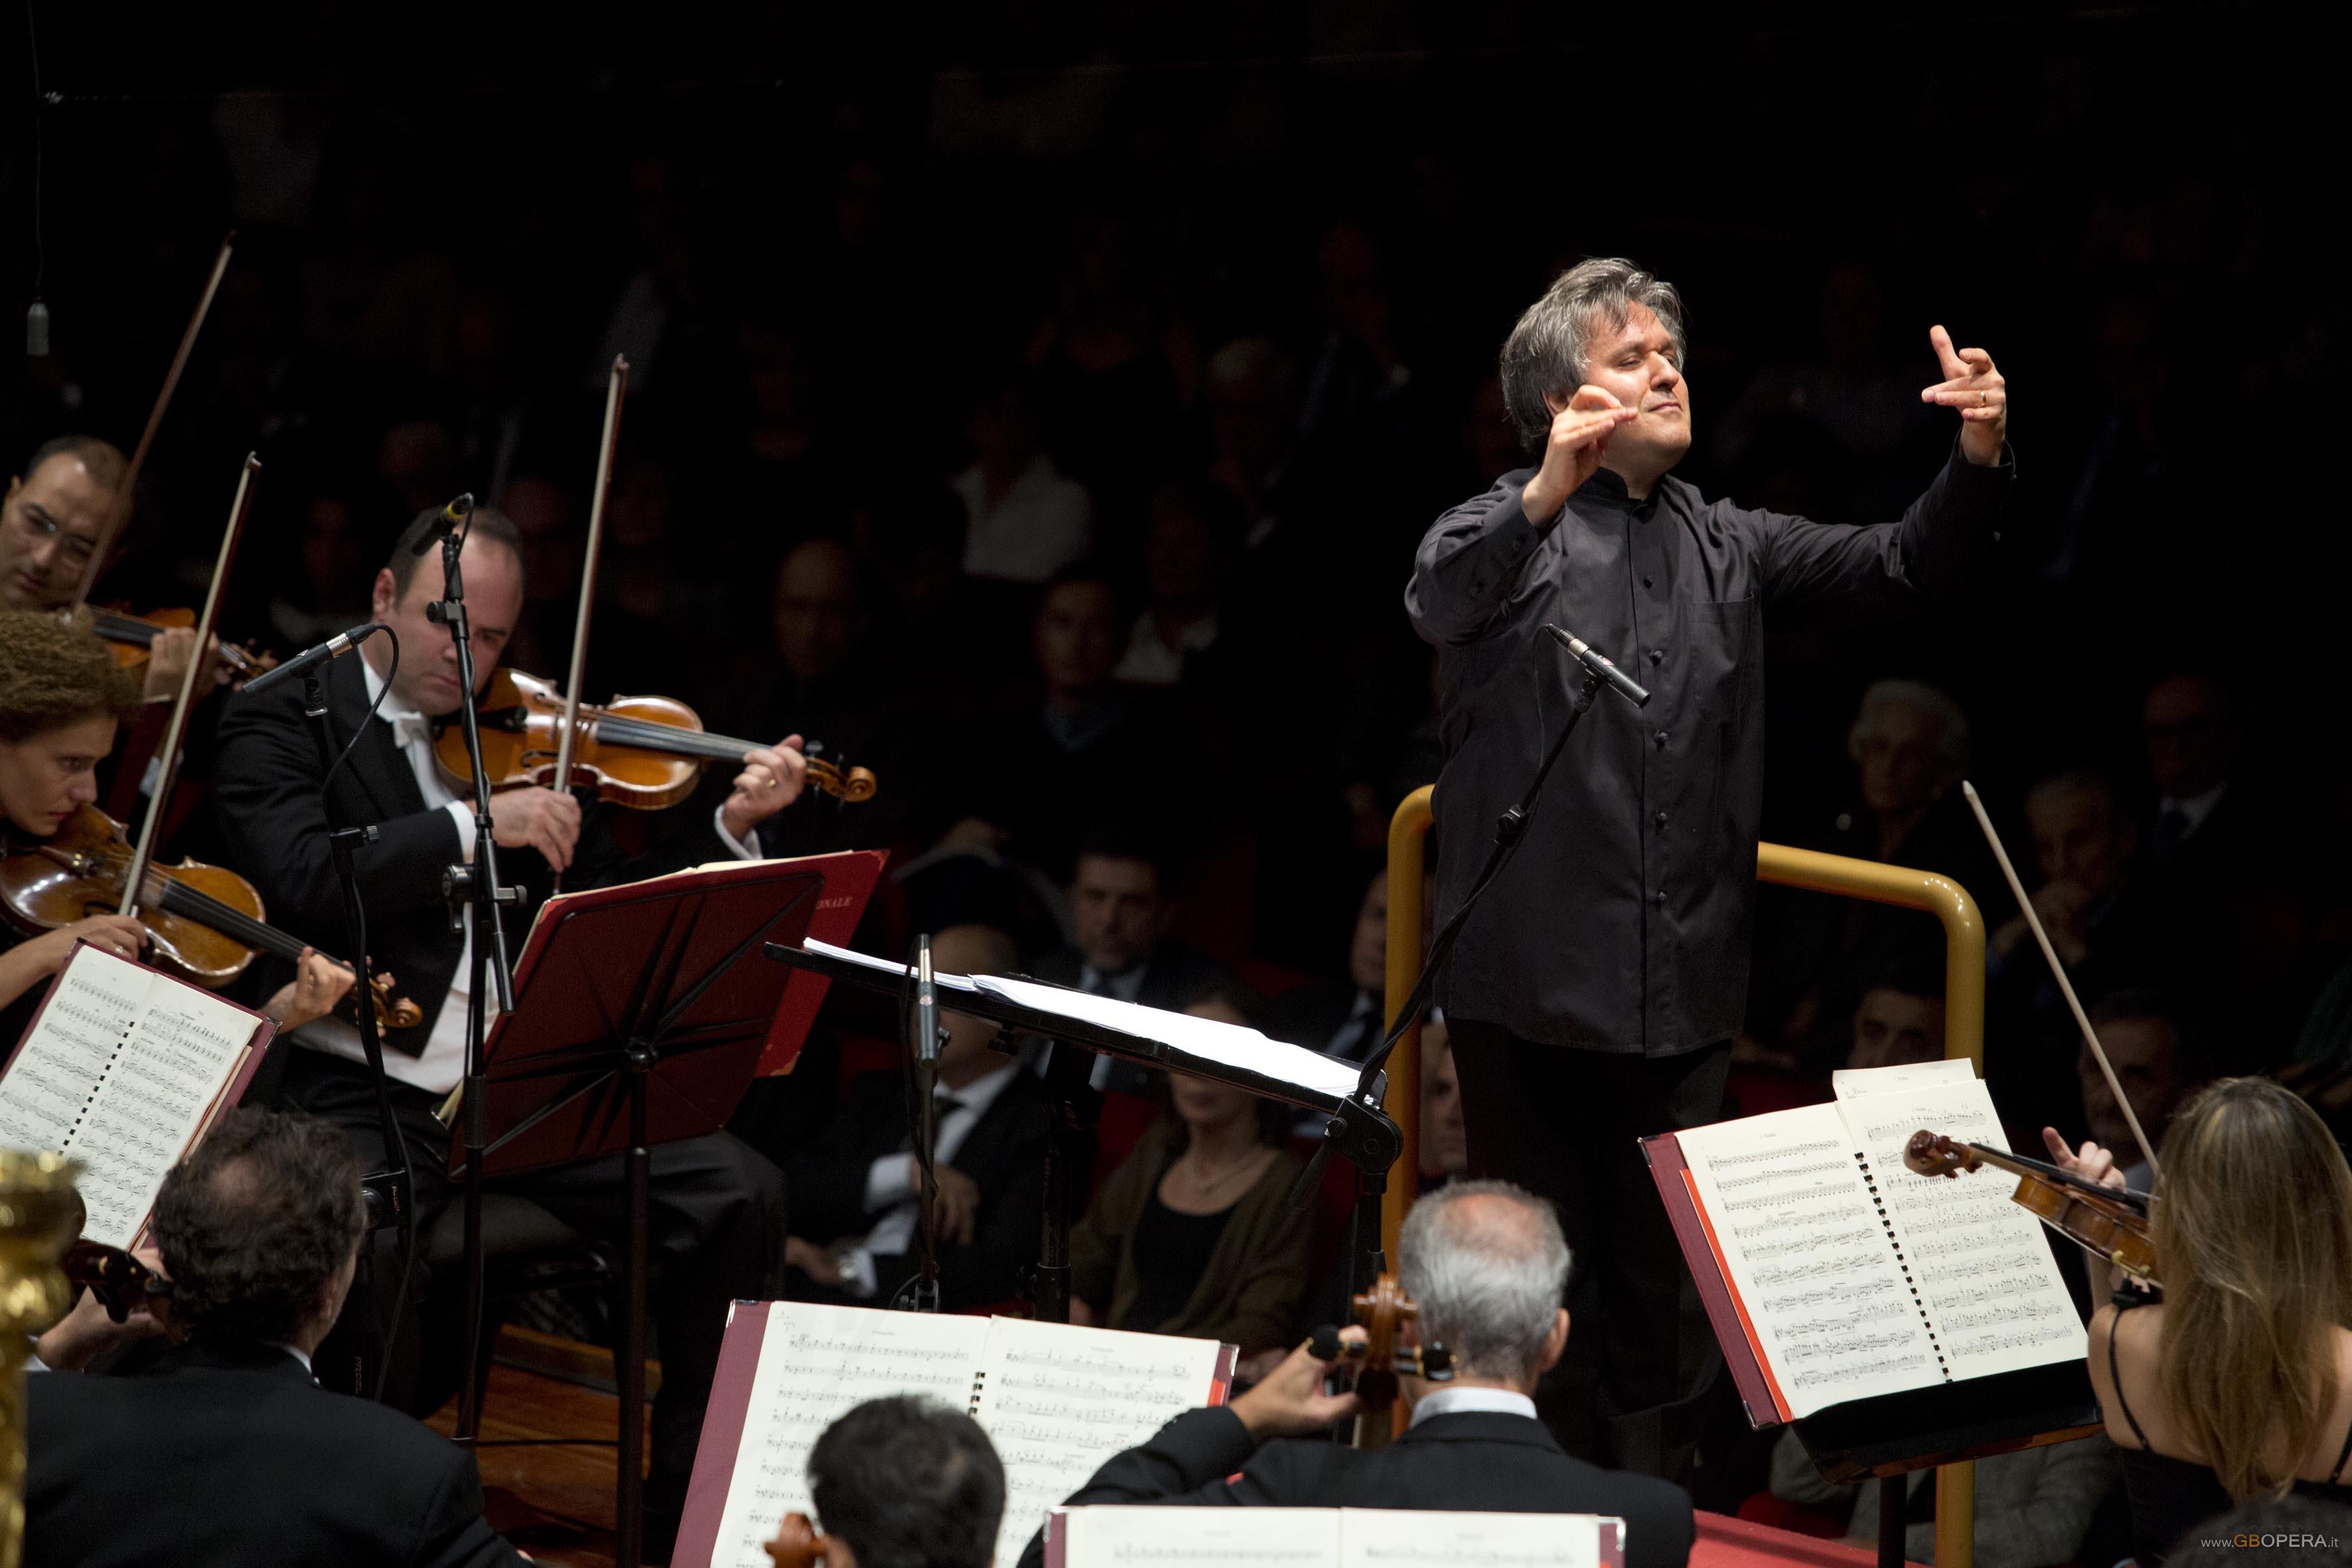 Roma: Concerto inauguale della stagione 2012/2013